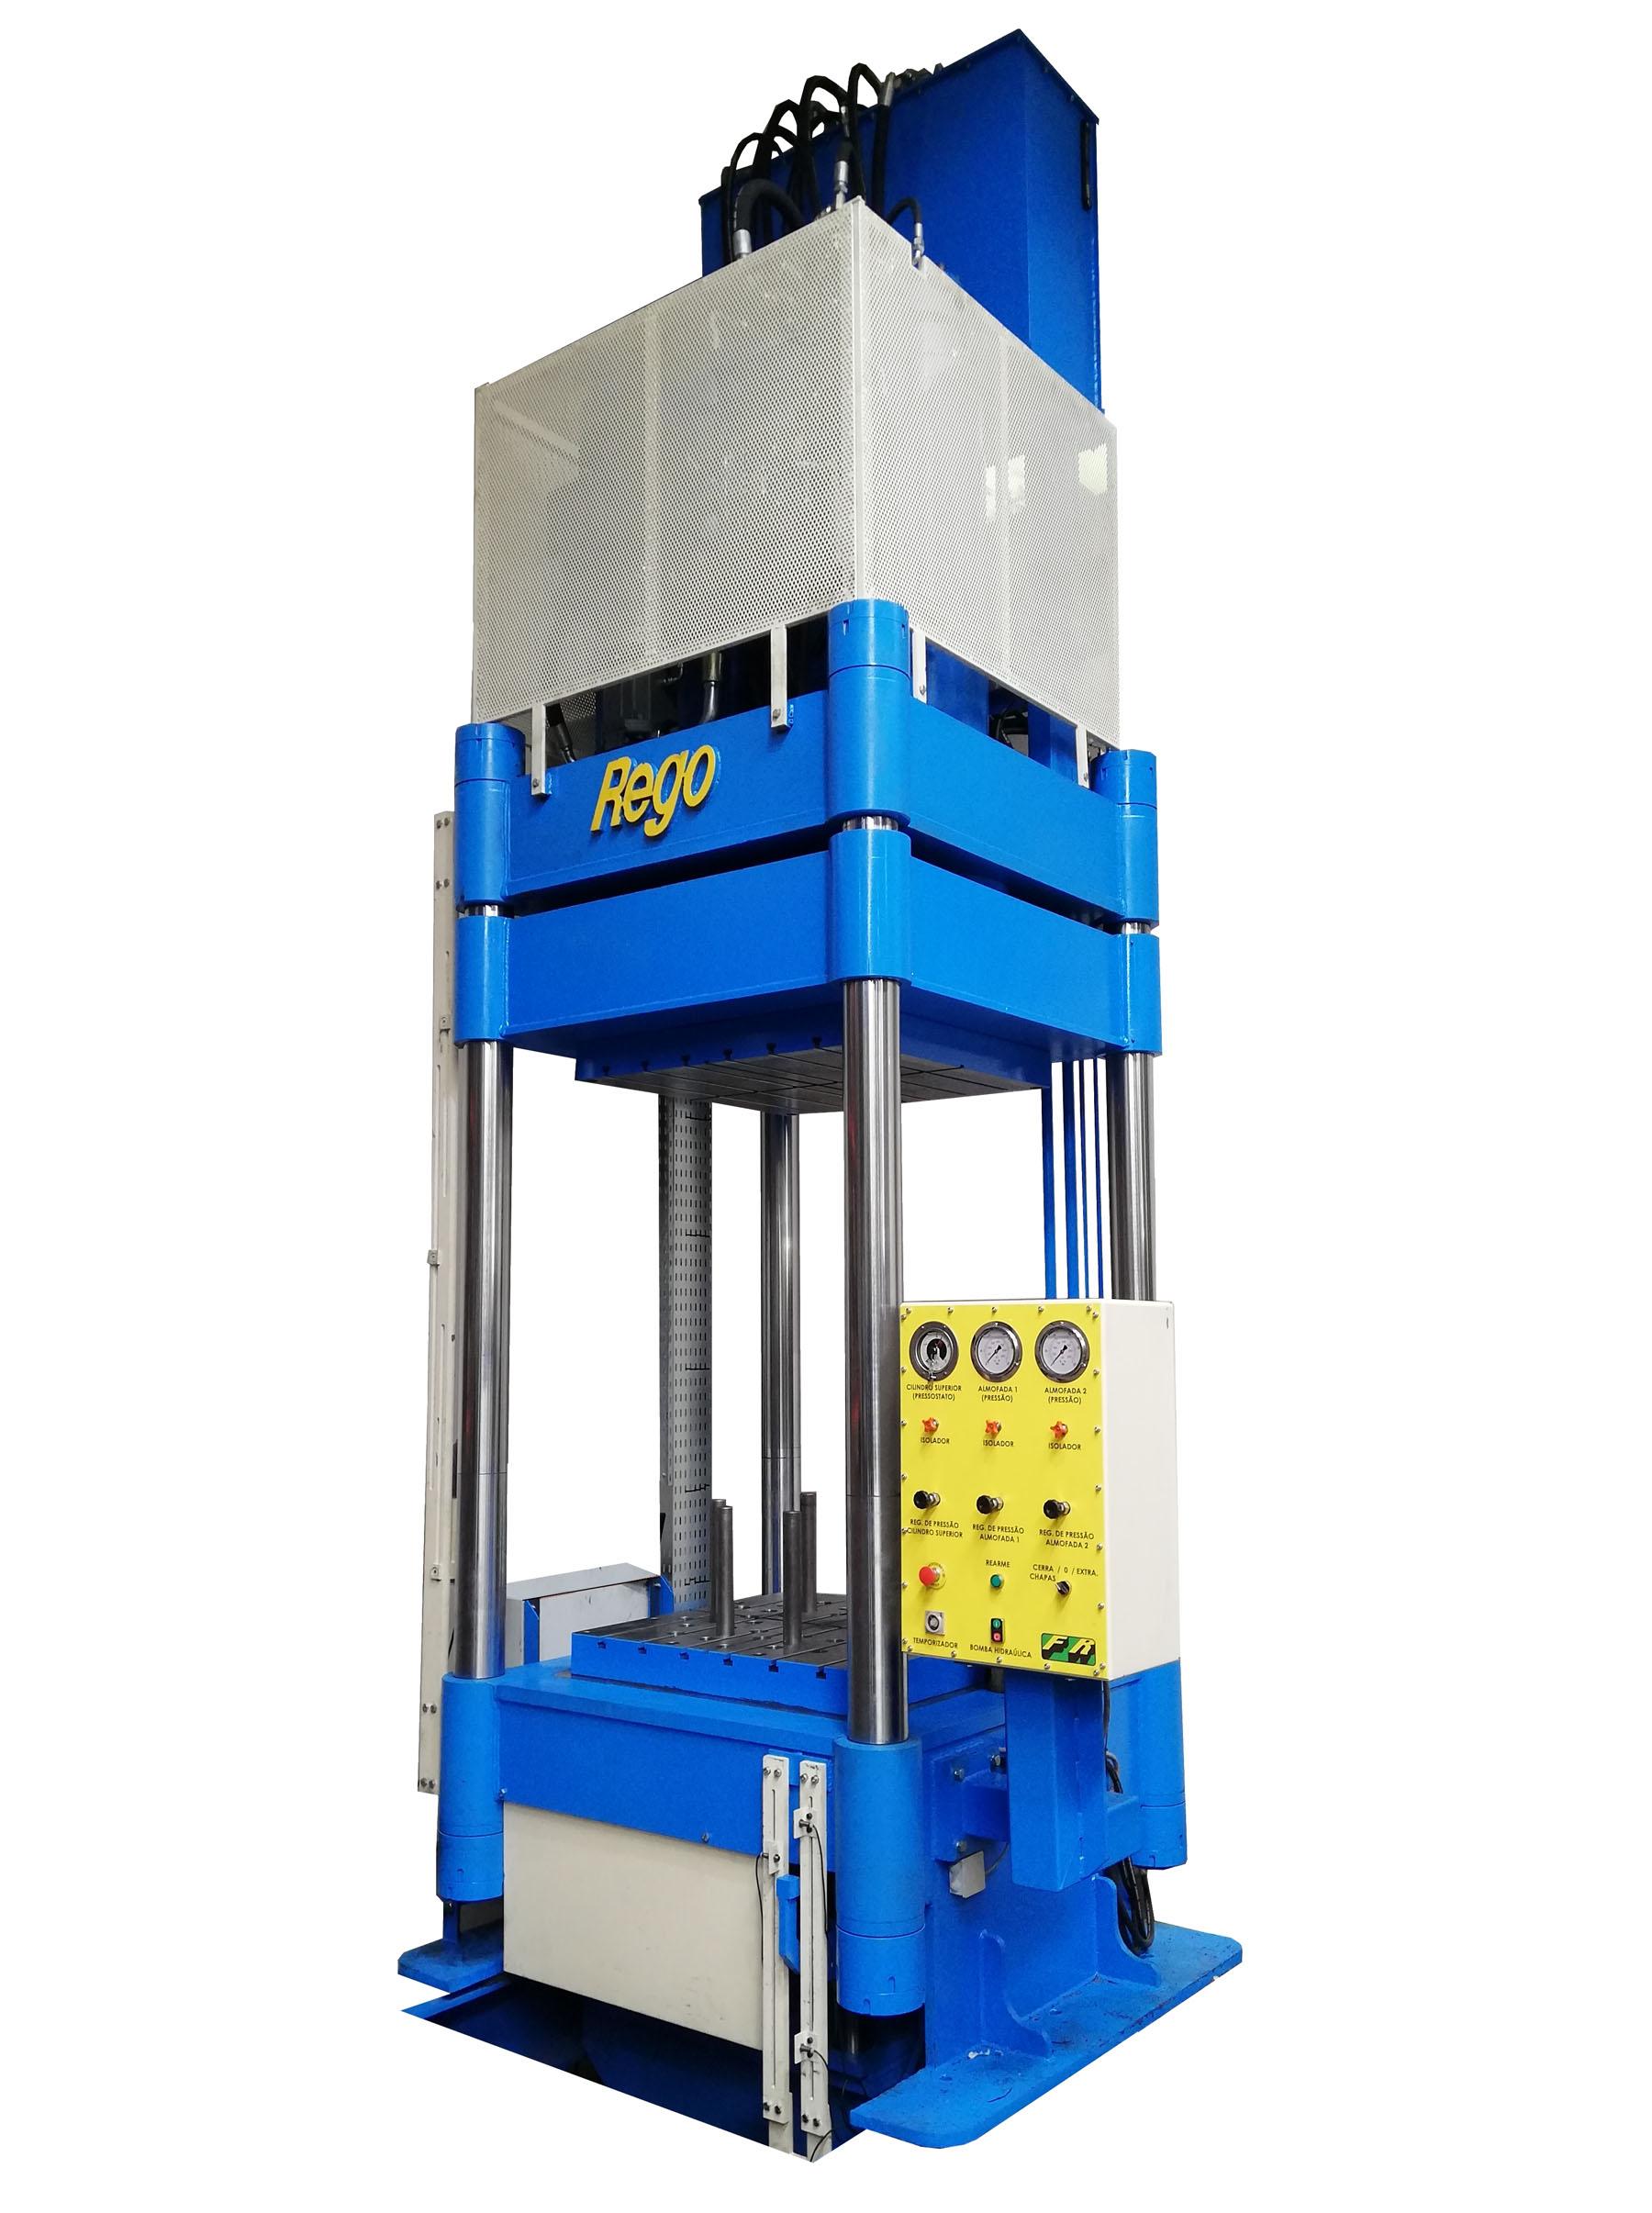 Hidraulic presses